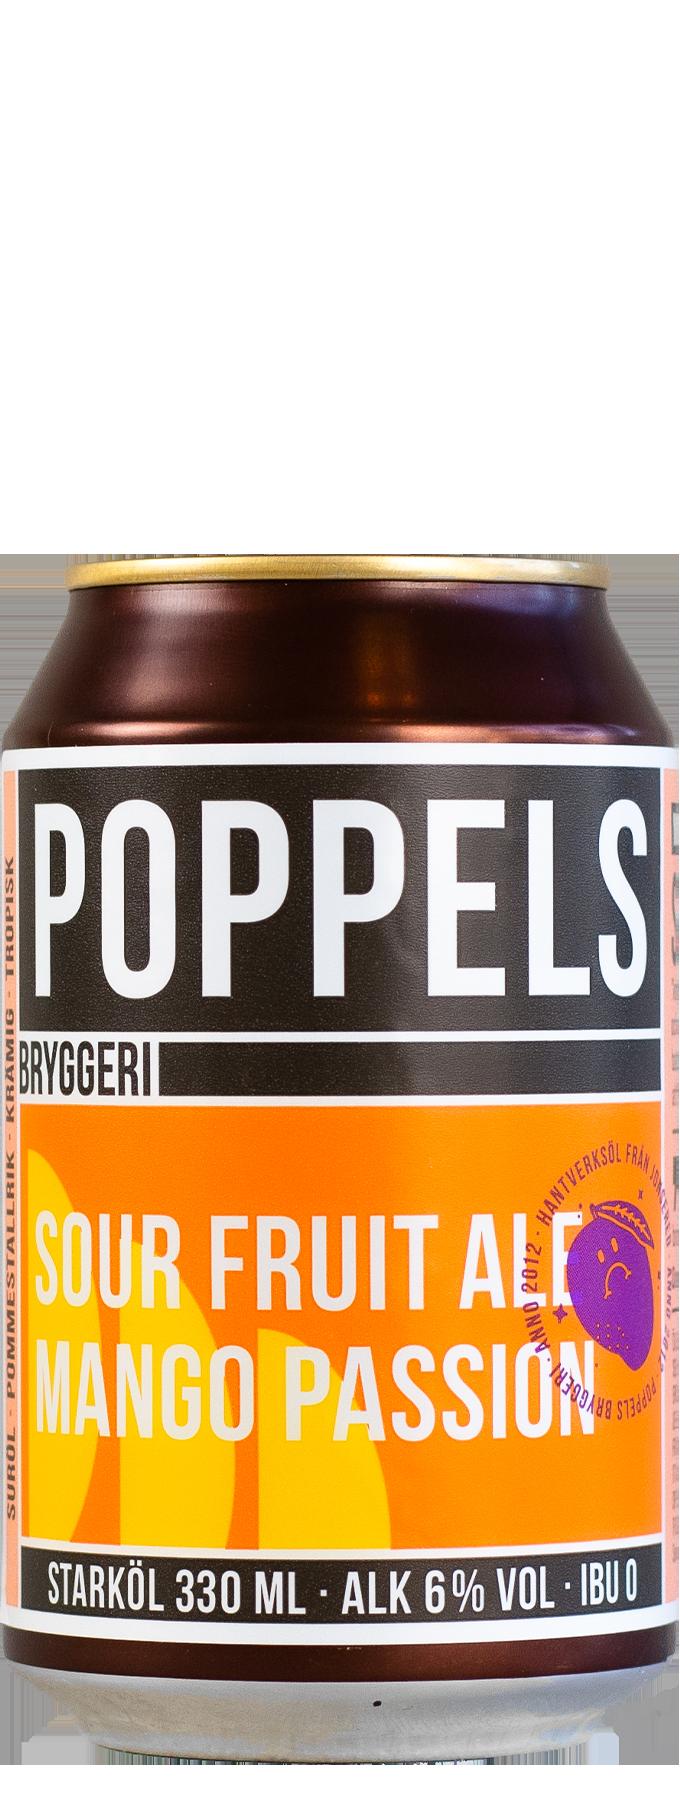 Sour Fruit Ale – Mango Passion